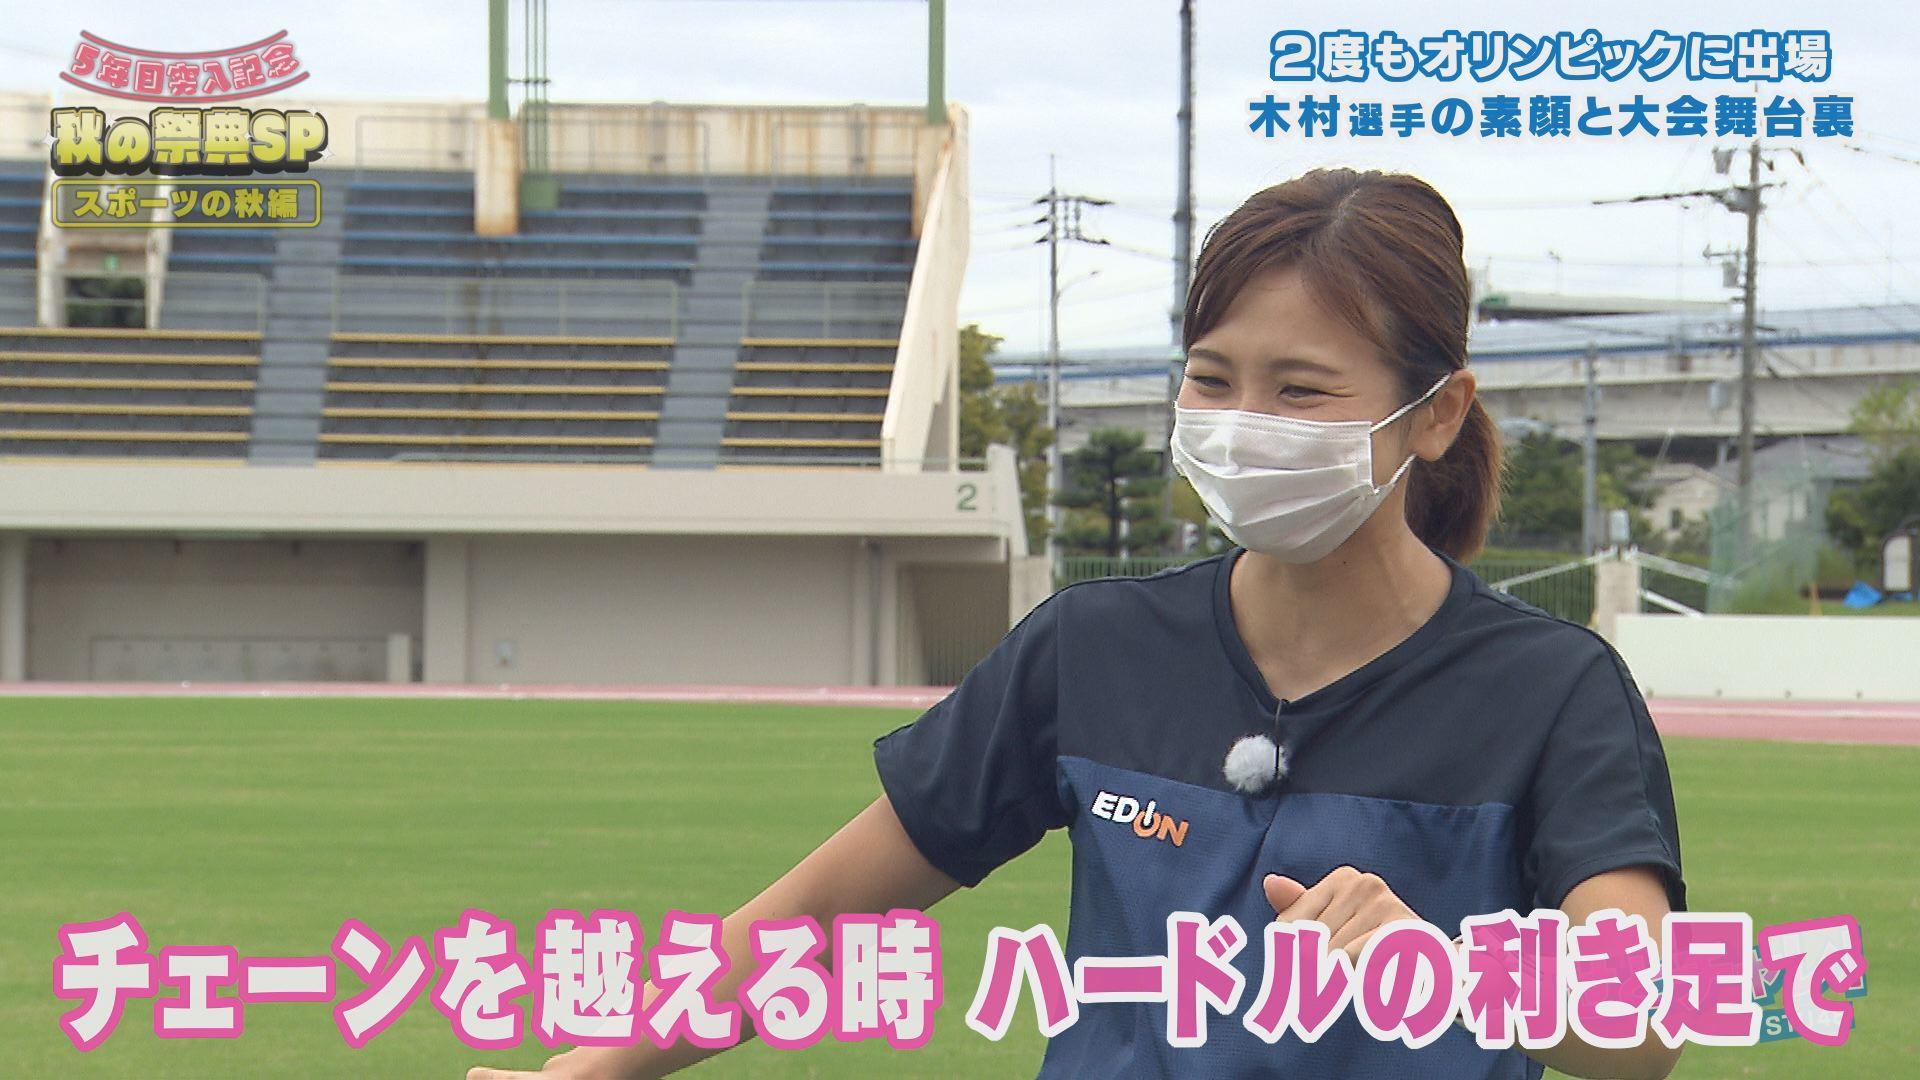 木村選手がオフの日に出てしまうちょっとしたクセ